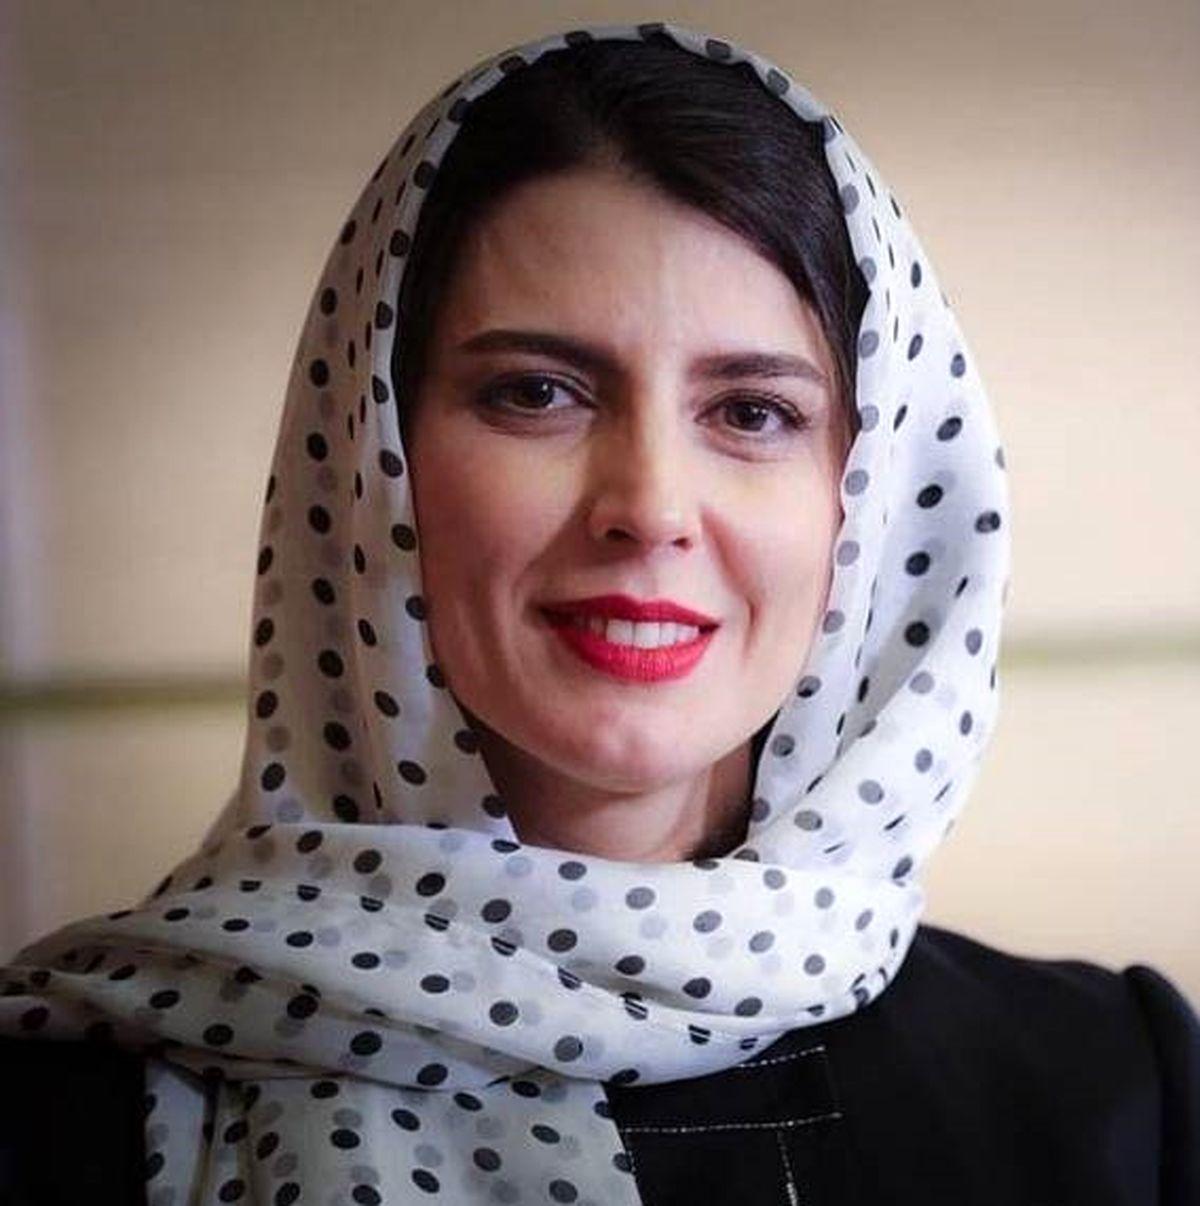 تیپ میلیونی لیلا حاتمی بازیگر زن معروف حاشیه ساز شد